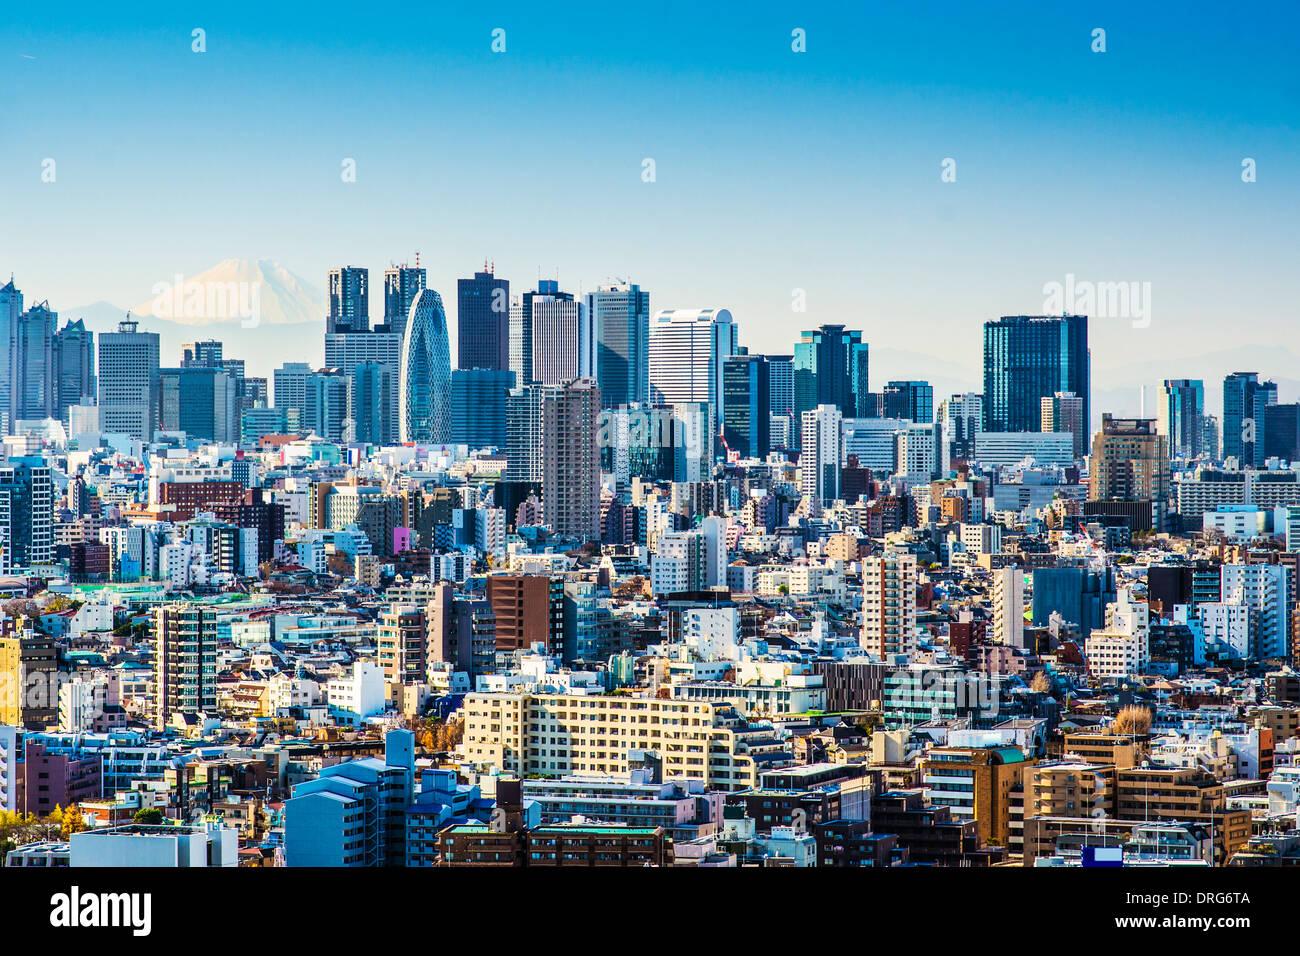 Tokyo, Giappone a Shinjuku con Fuji montagna all'orizzonte. Immagini Stock